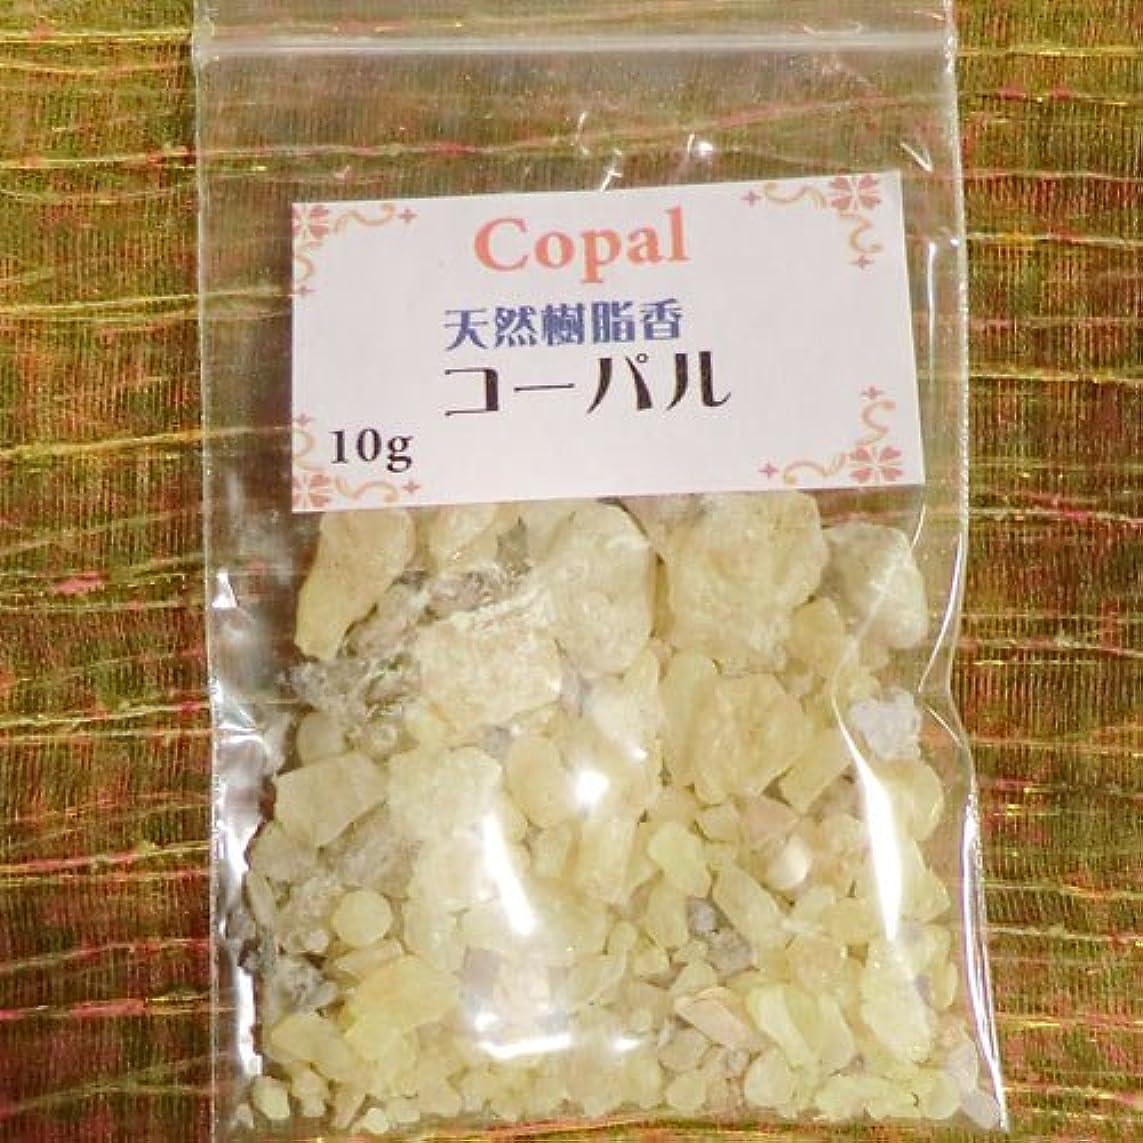 コーパル COPAL (天然樹脂香) (コーパル, 10g)